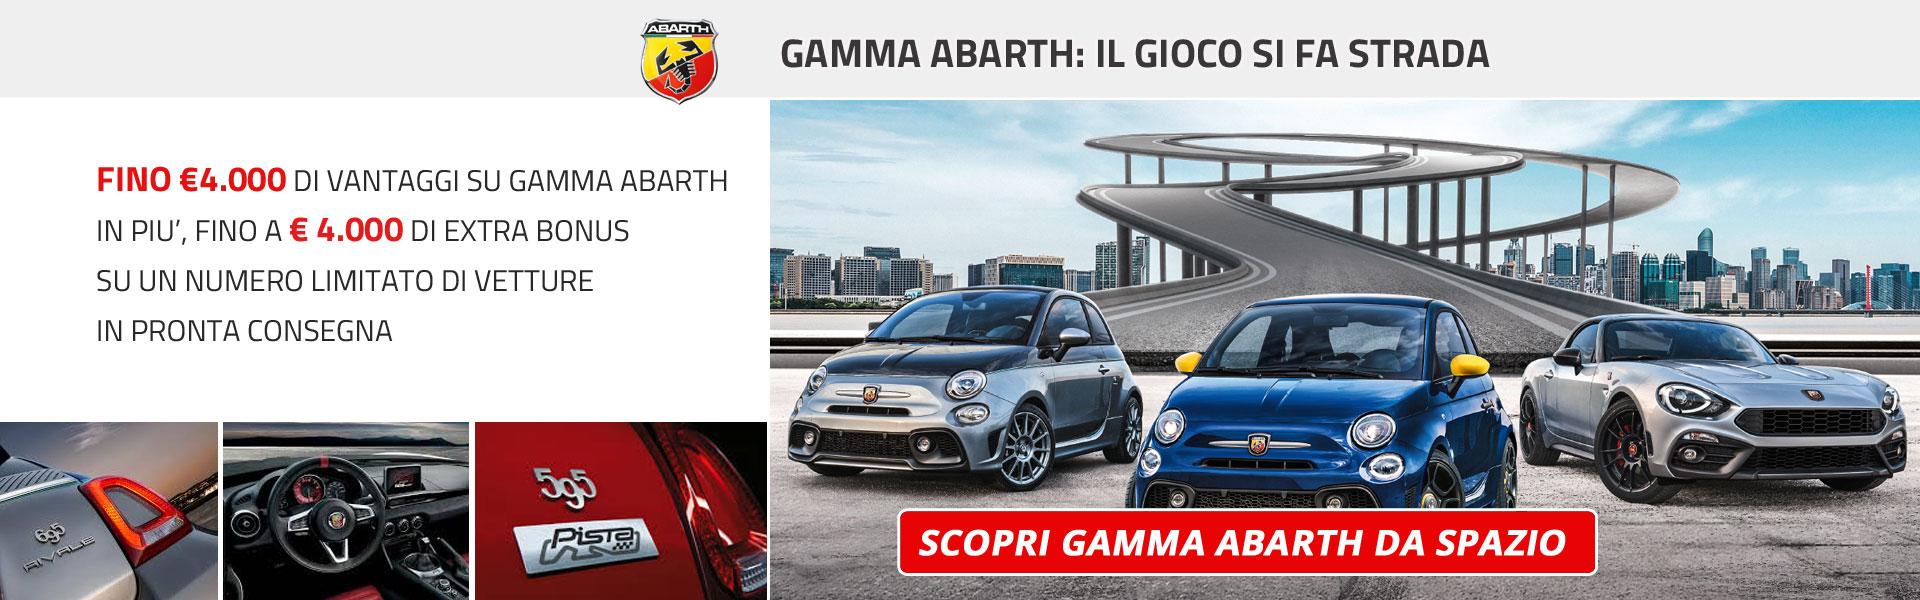 Gamma Abarth con vantaggi fino a 4000 Euro